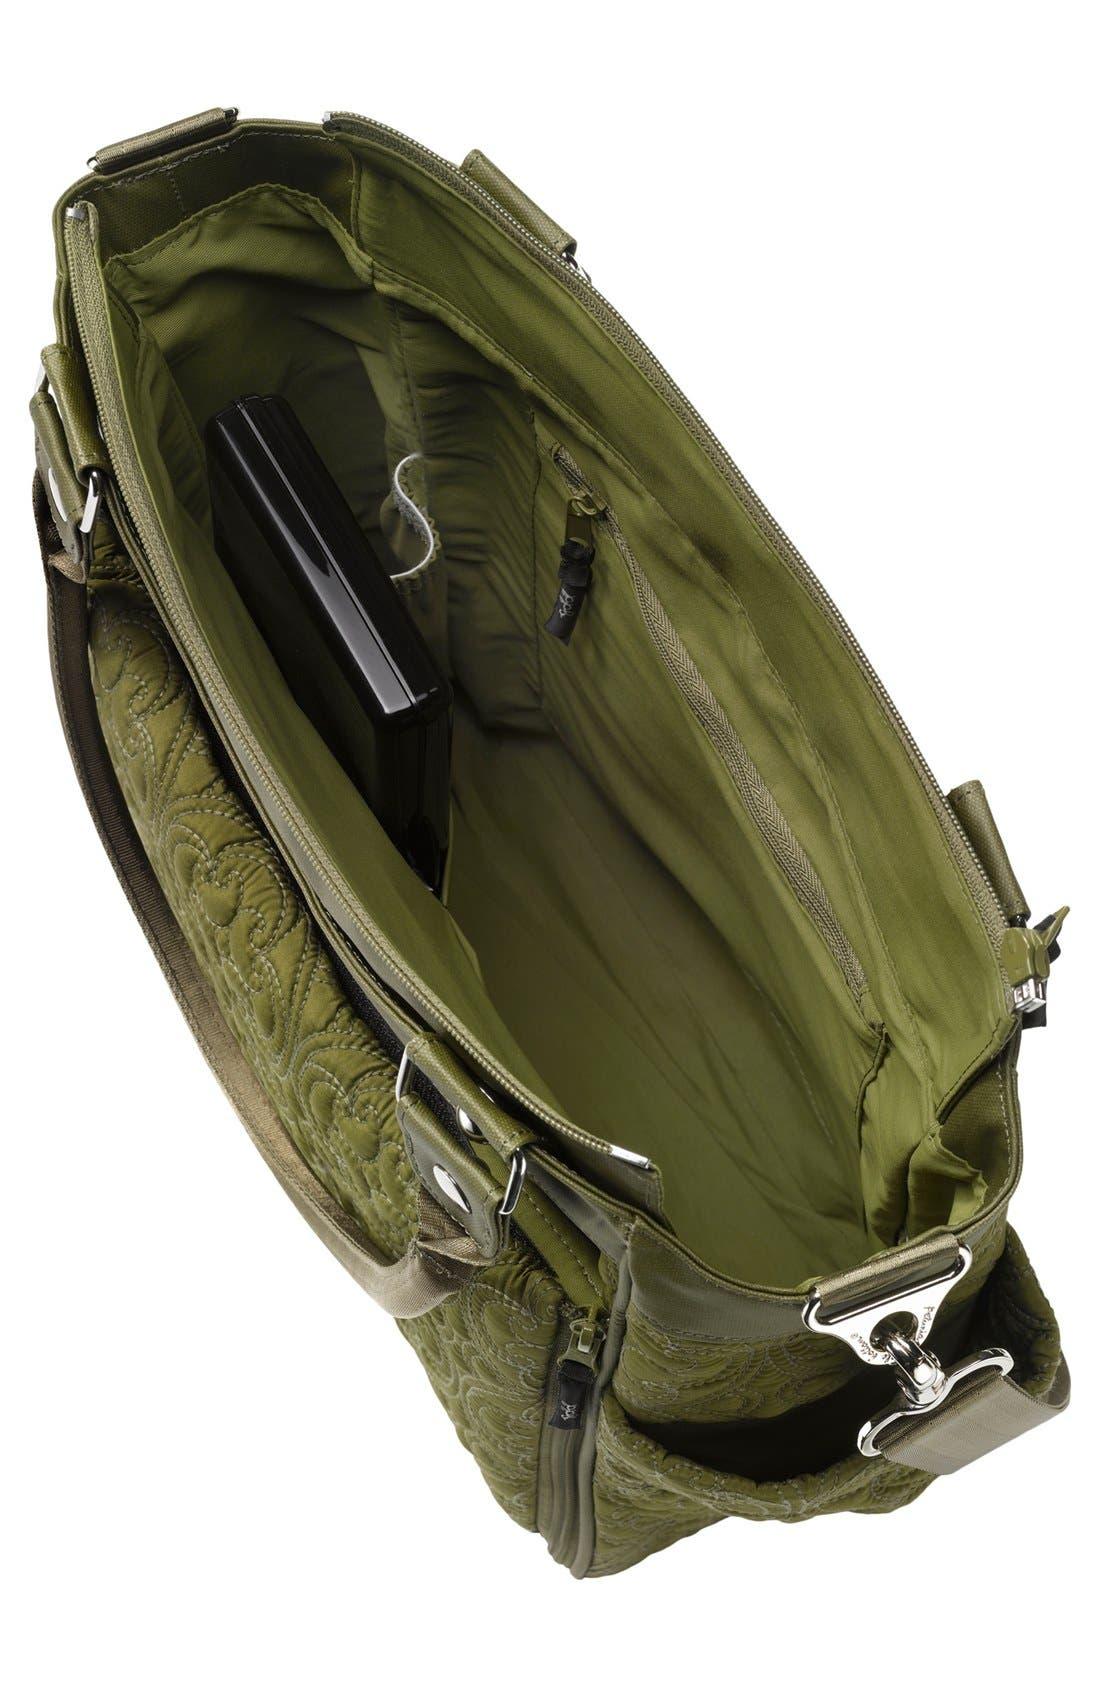 Alternate Image 2  - Petunia Pickle Bottom 'City Carryall' Embossed Diaper Bag